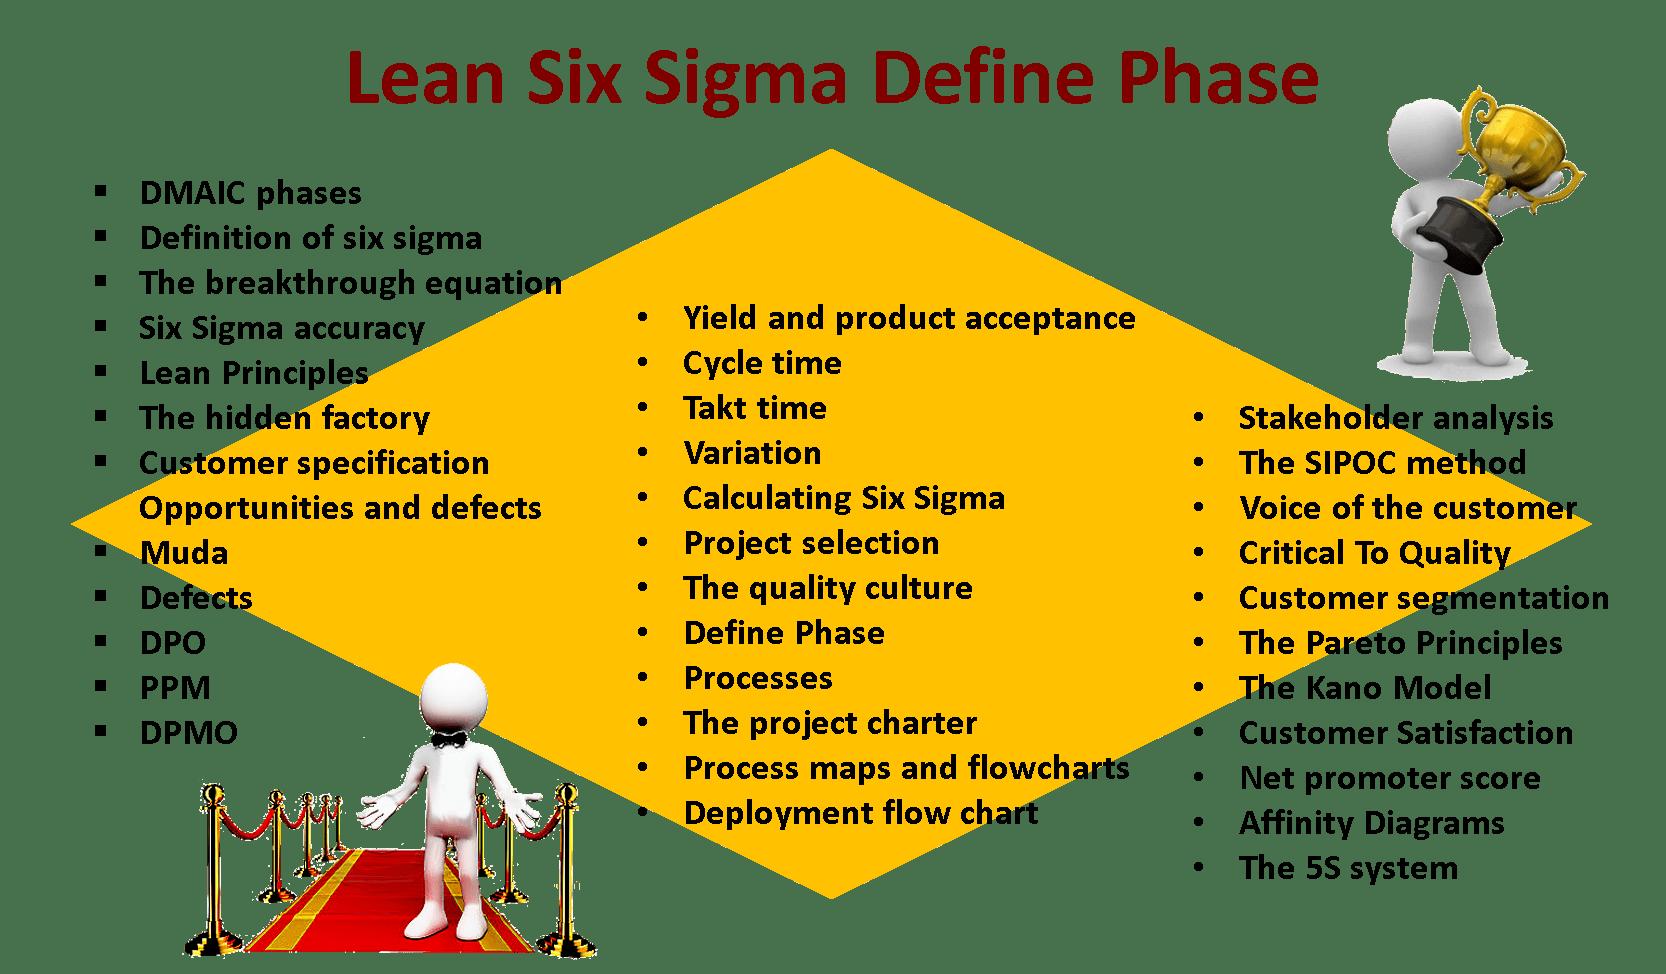 lean six sigma define phase - syllabus2